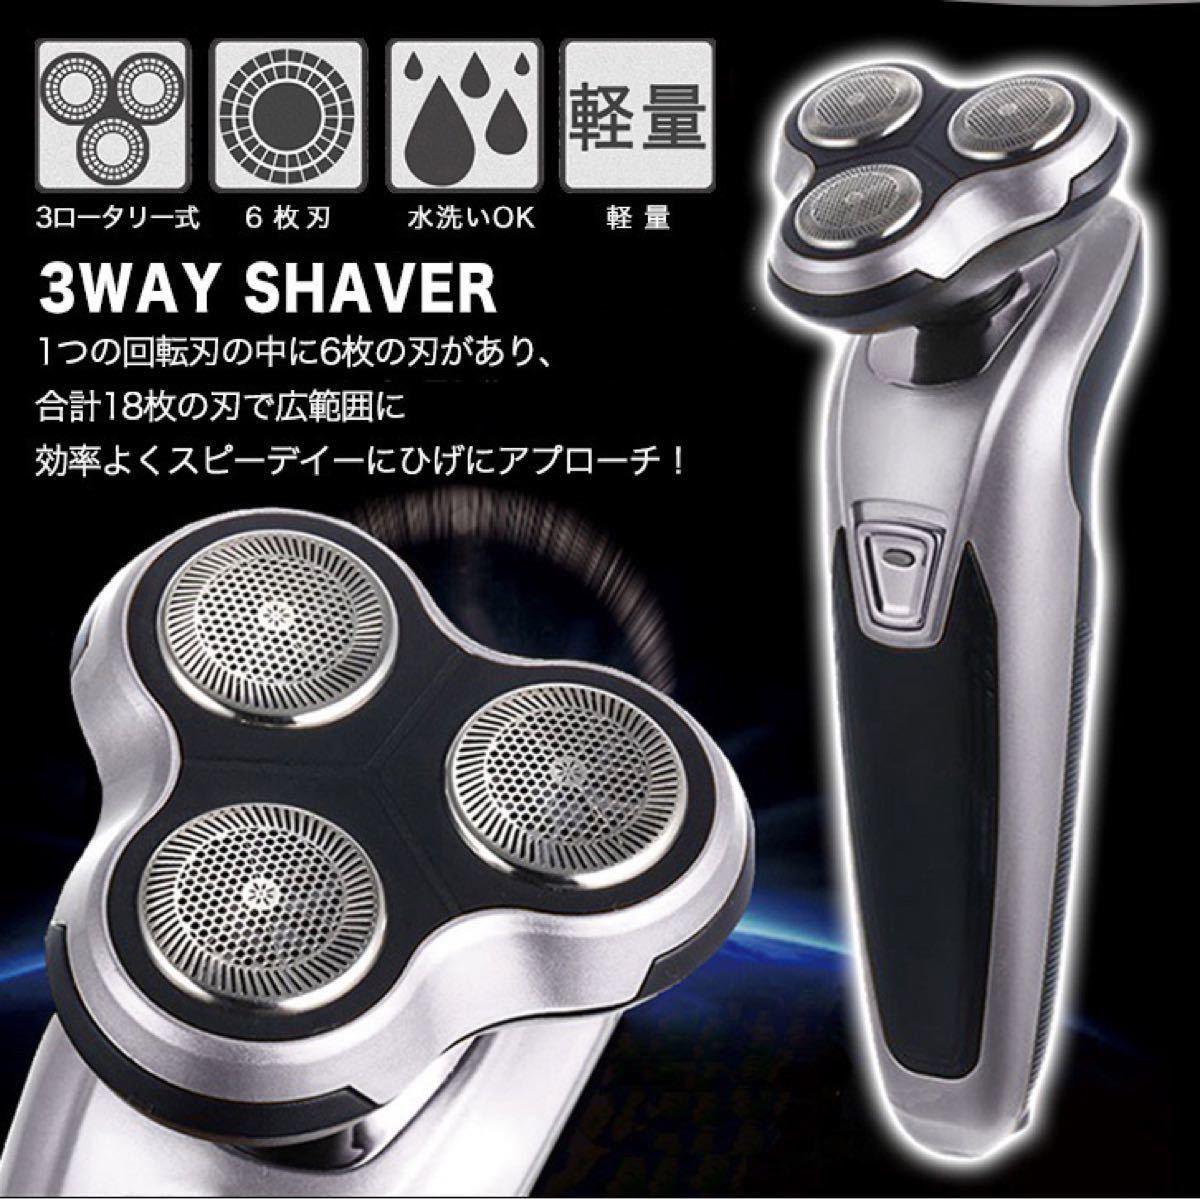 電動髭剃り 電気シェーバー メンズシェーバー 刃 鼻毛カッター ヘアカット 3way 6枚刃 ダークグレー アタッチメント